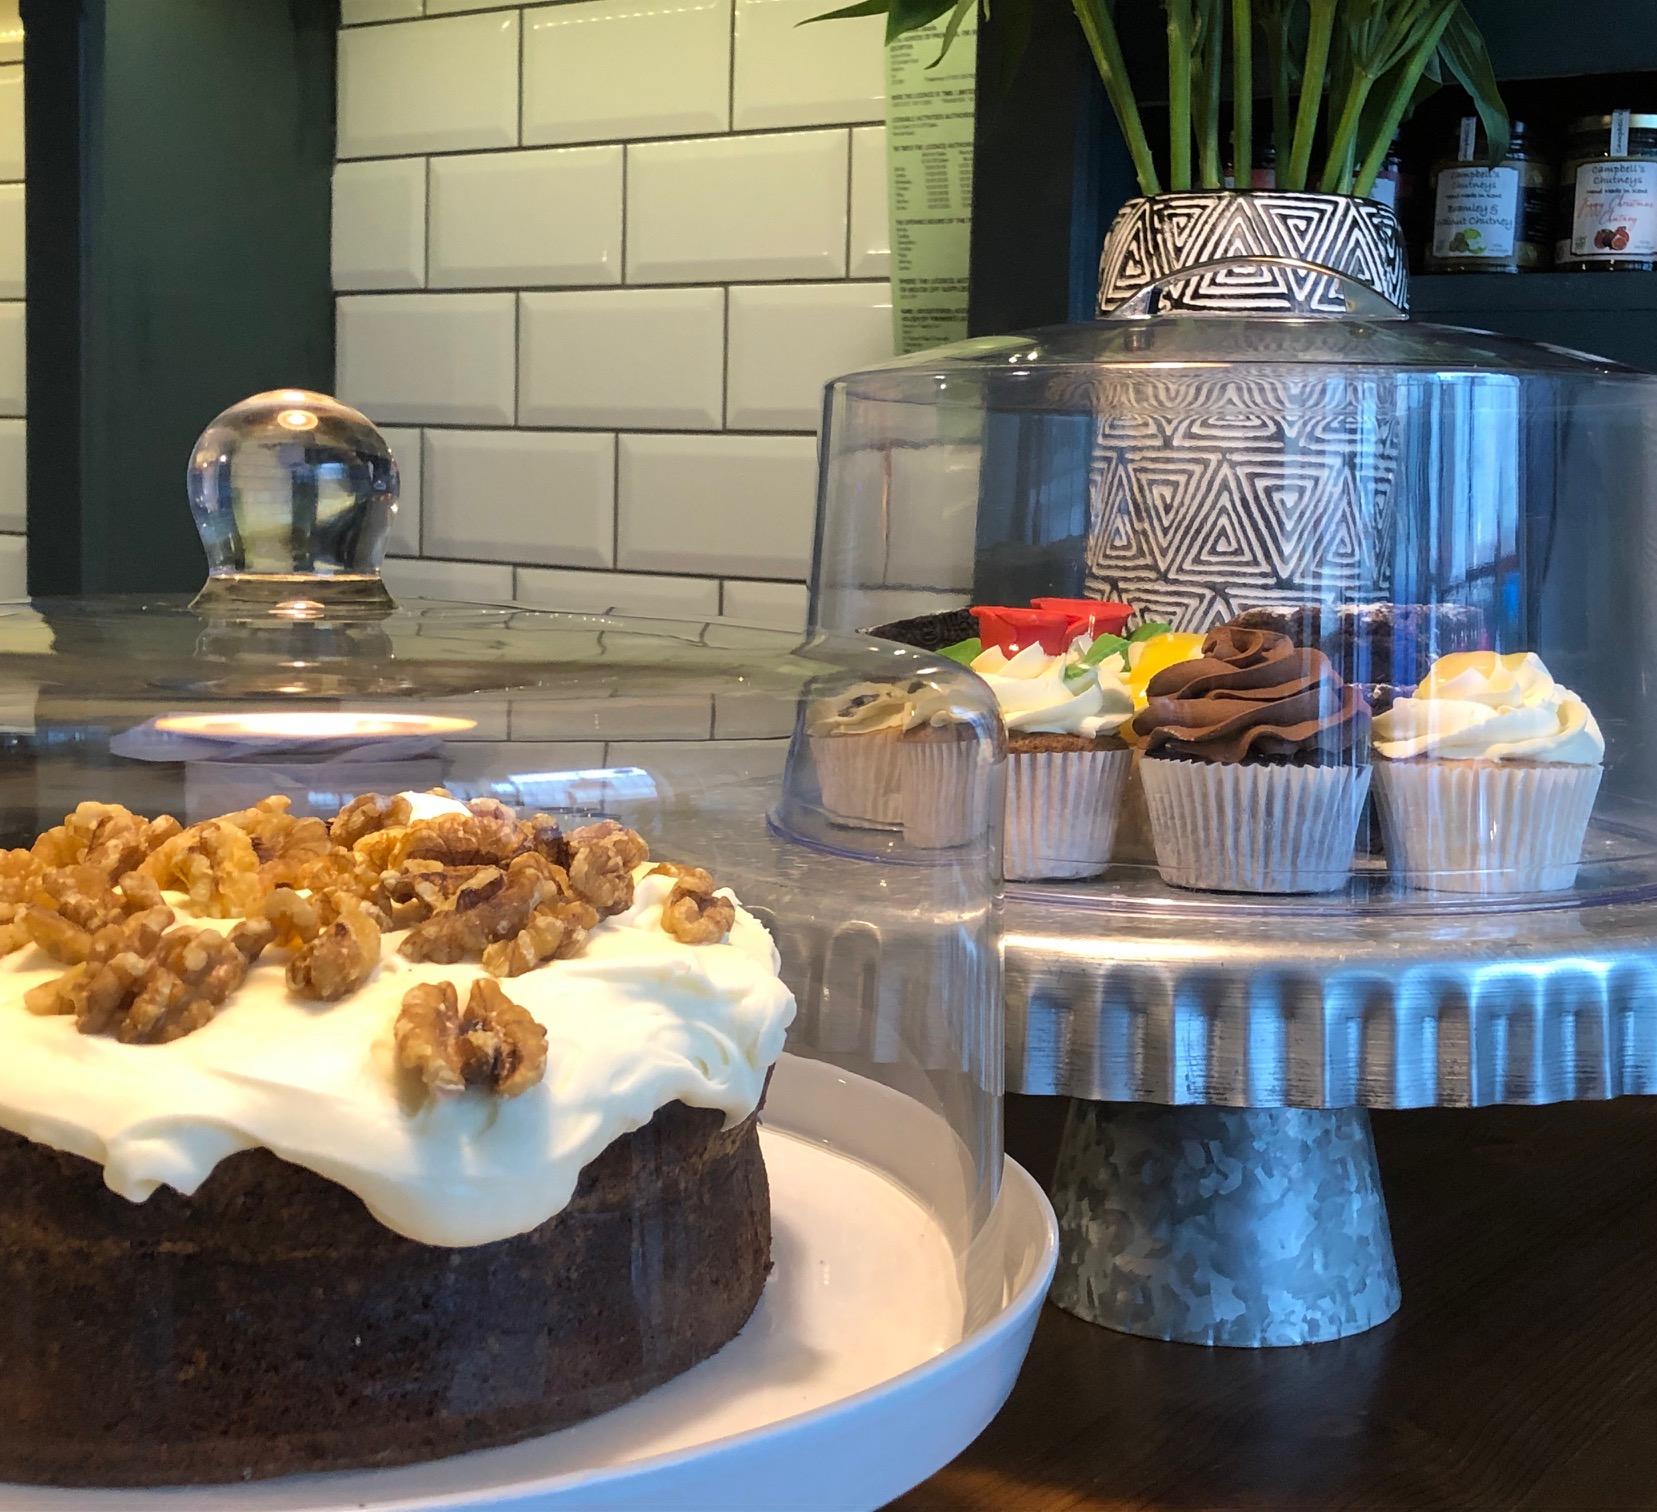 Gourmet Kitchen Cakes